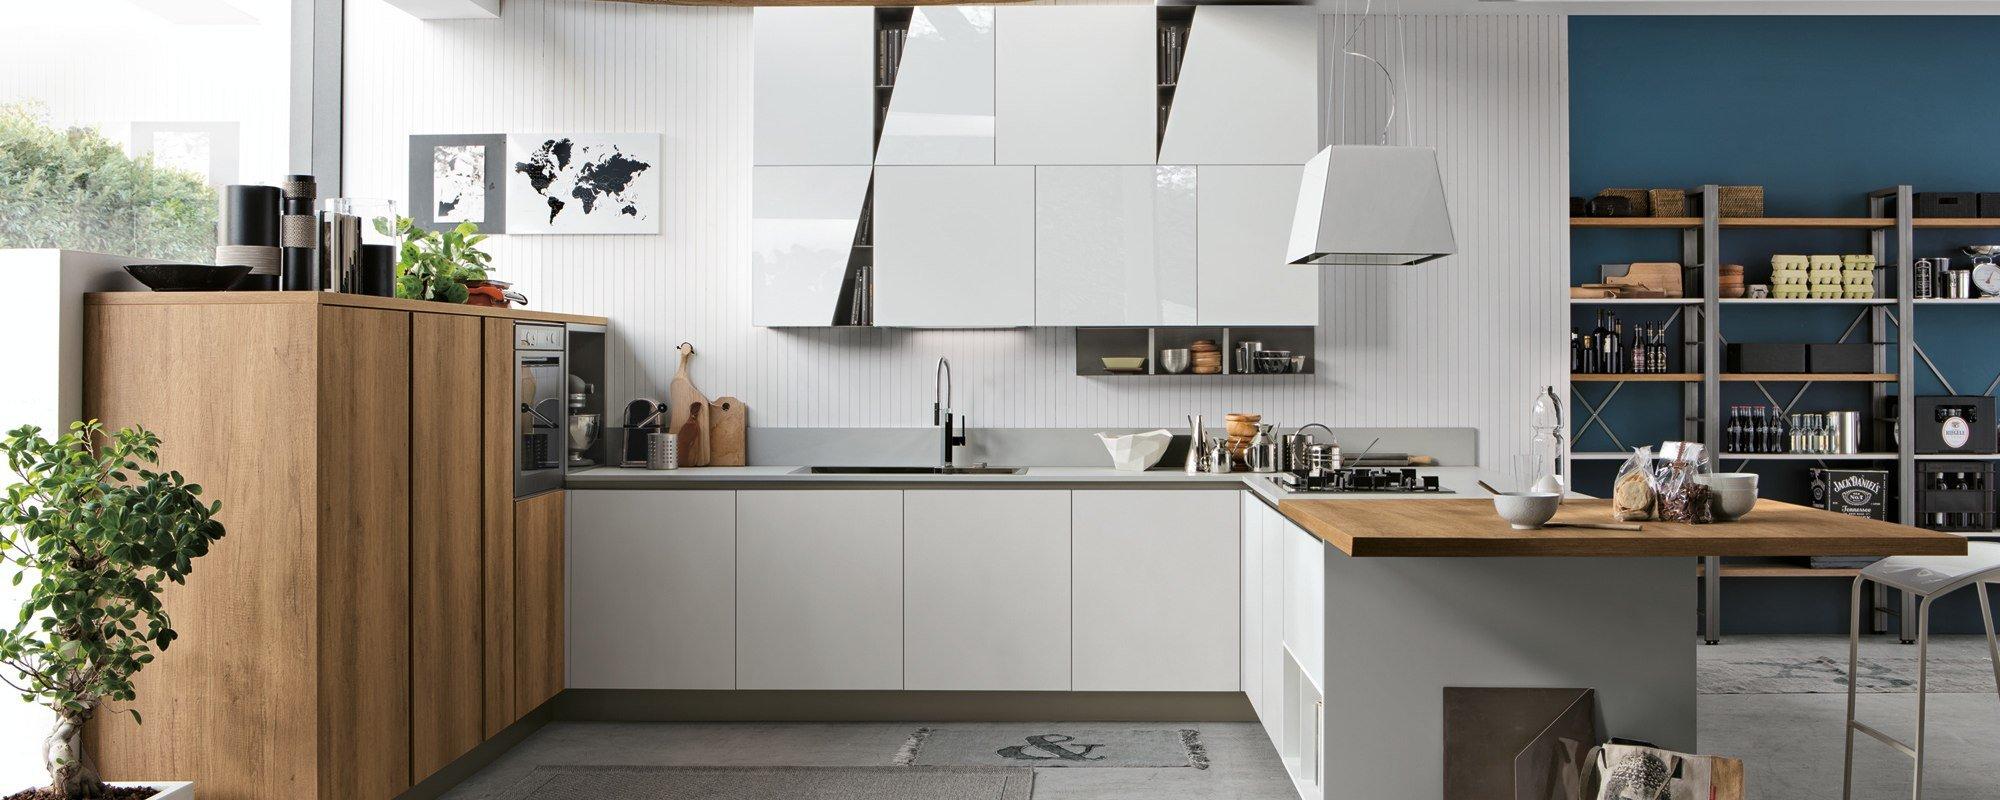 Cucine Moderne Vibo Valentia Scarcia Arredamenti